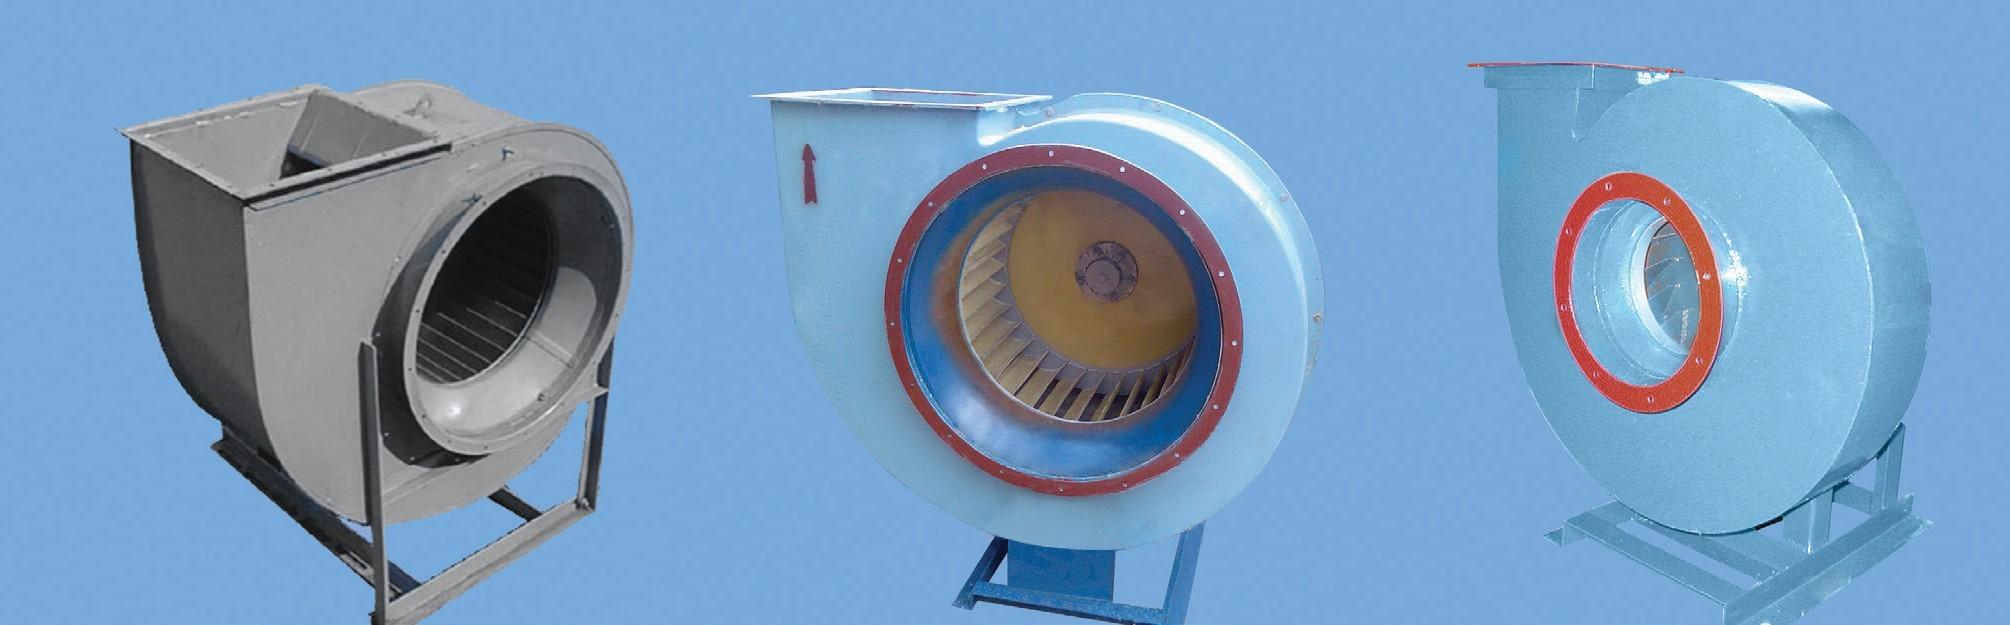 Химстойкие вентиляторы из стеклопластика, полипропилена, поливинилхлорида, титана и нержавеющей стали